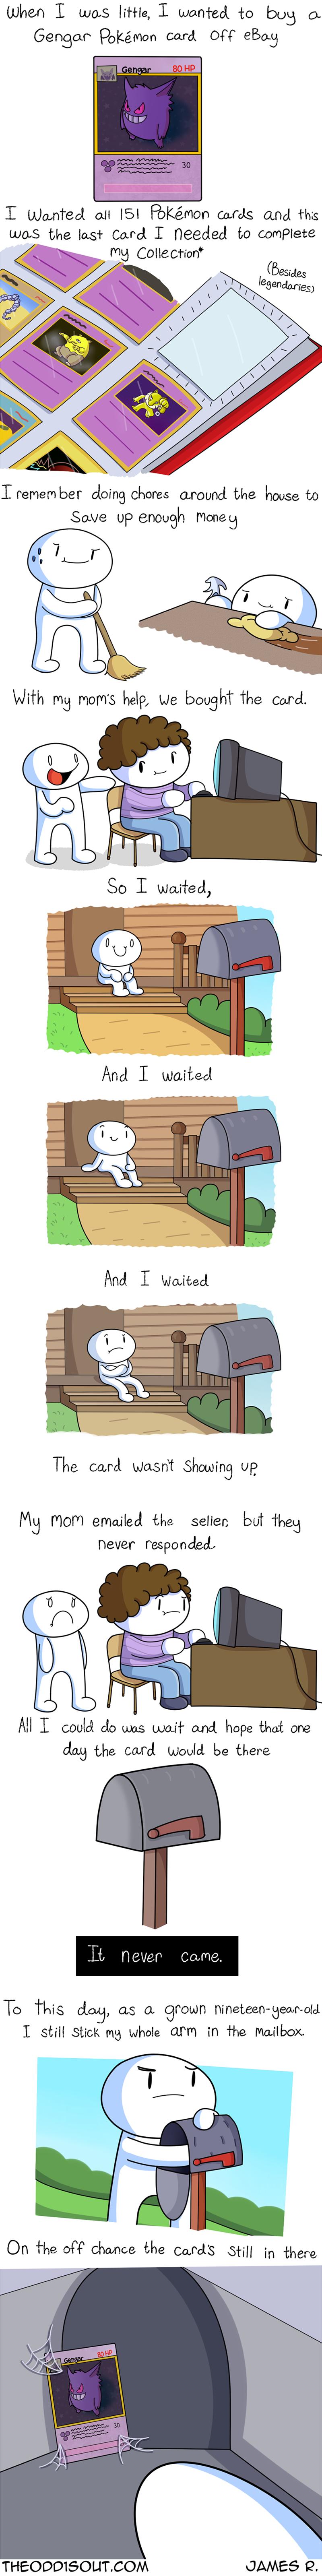 funny-web-comics-its-weird-how-habits-form